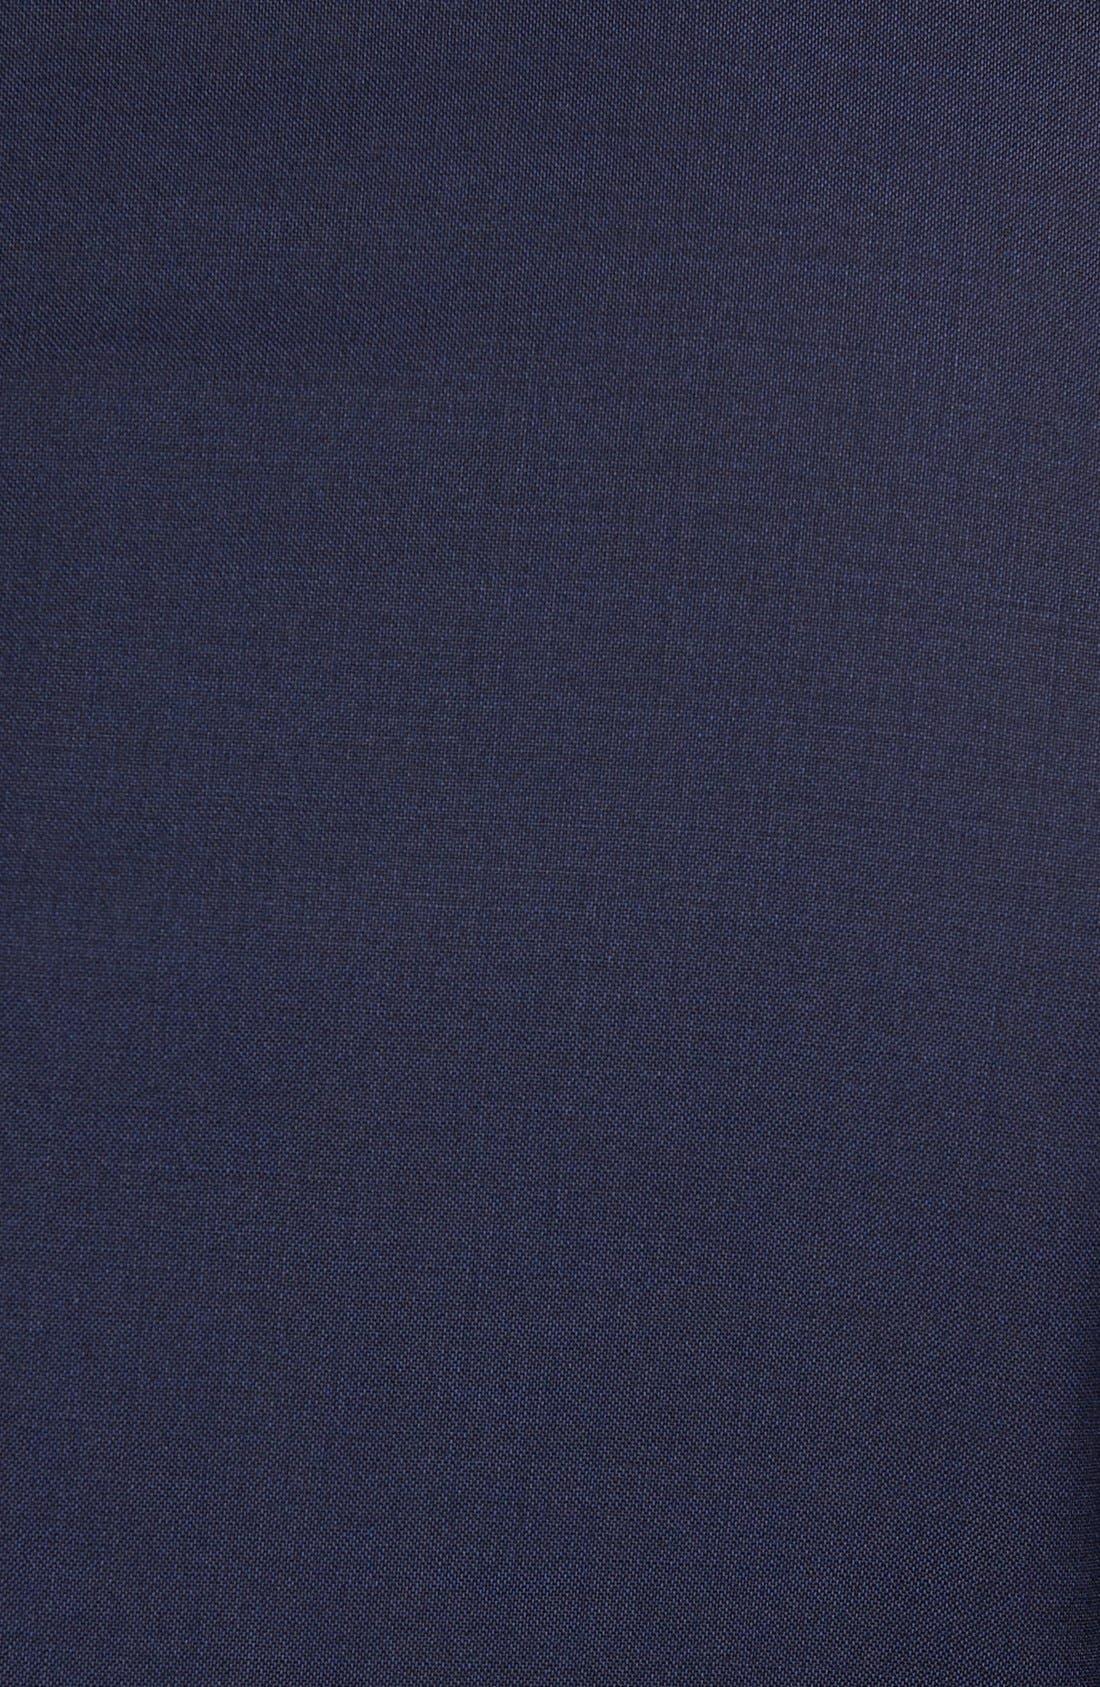 Huge/Genius Trim Fit Navy Wool Suit,                             Alternate thumbnail 2, color,                             NAVY